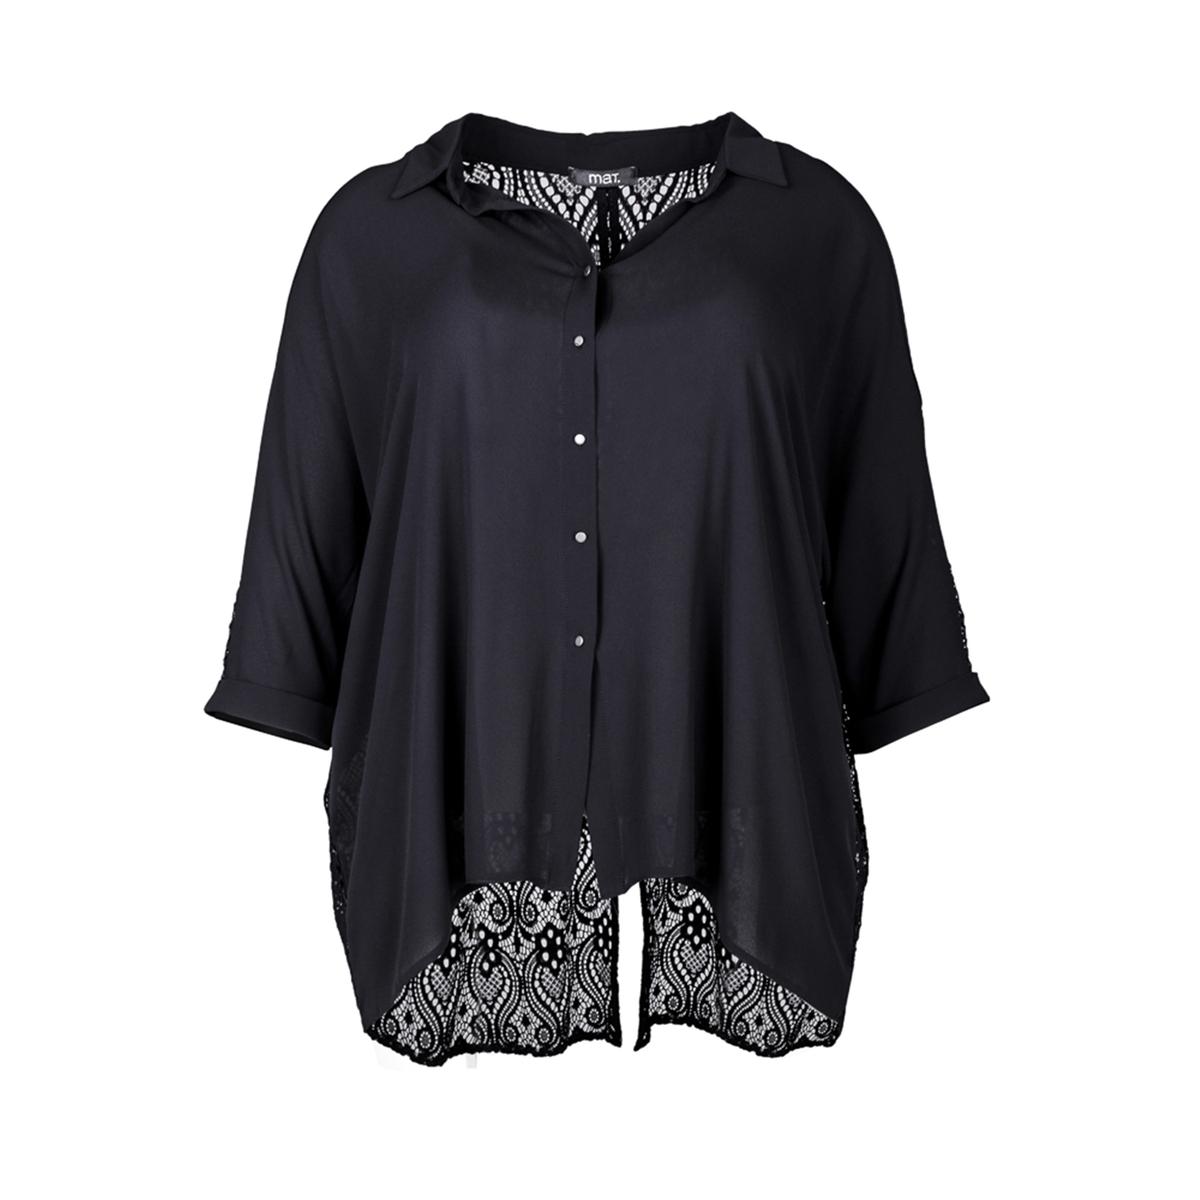 БлузкаБлузка MAT FASHION. 100% полиэстера.Блузка с женственной спинкой из изысканного кружева . Рукава 3/4  . Струящийся материал спереди . Рубашечный воротник с застежкой на металлические пуговицы .<br><br>Цвет: черный<br>Размер: 44/48